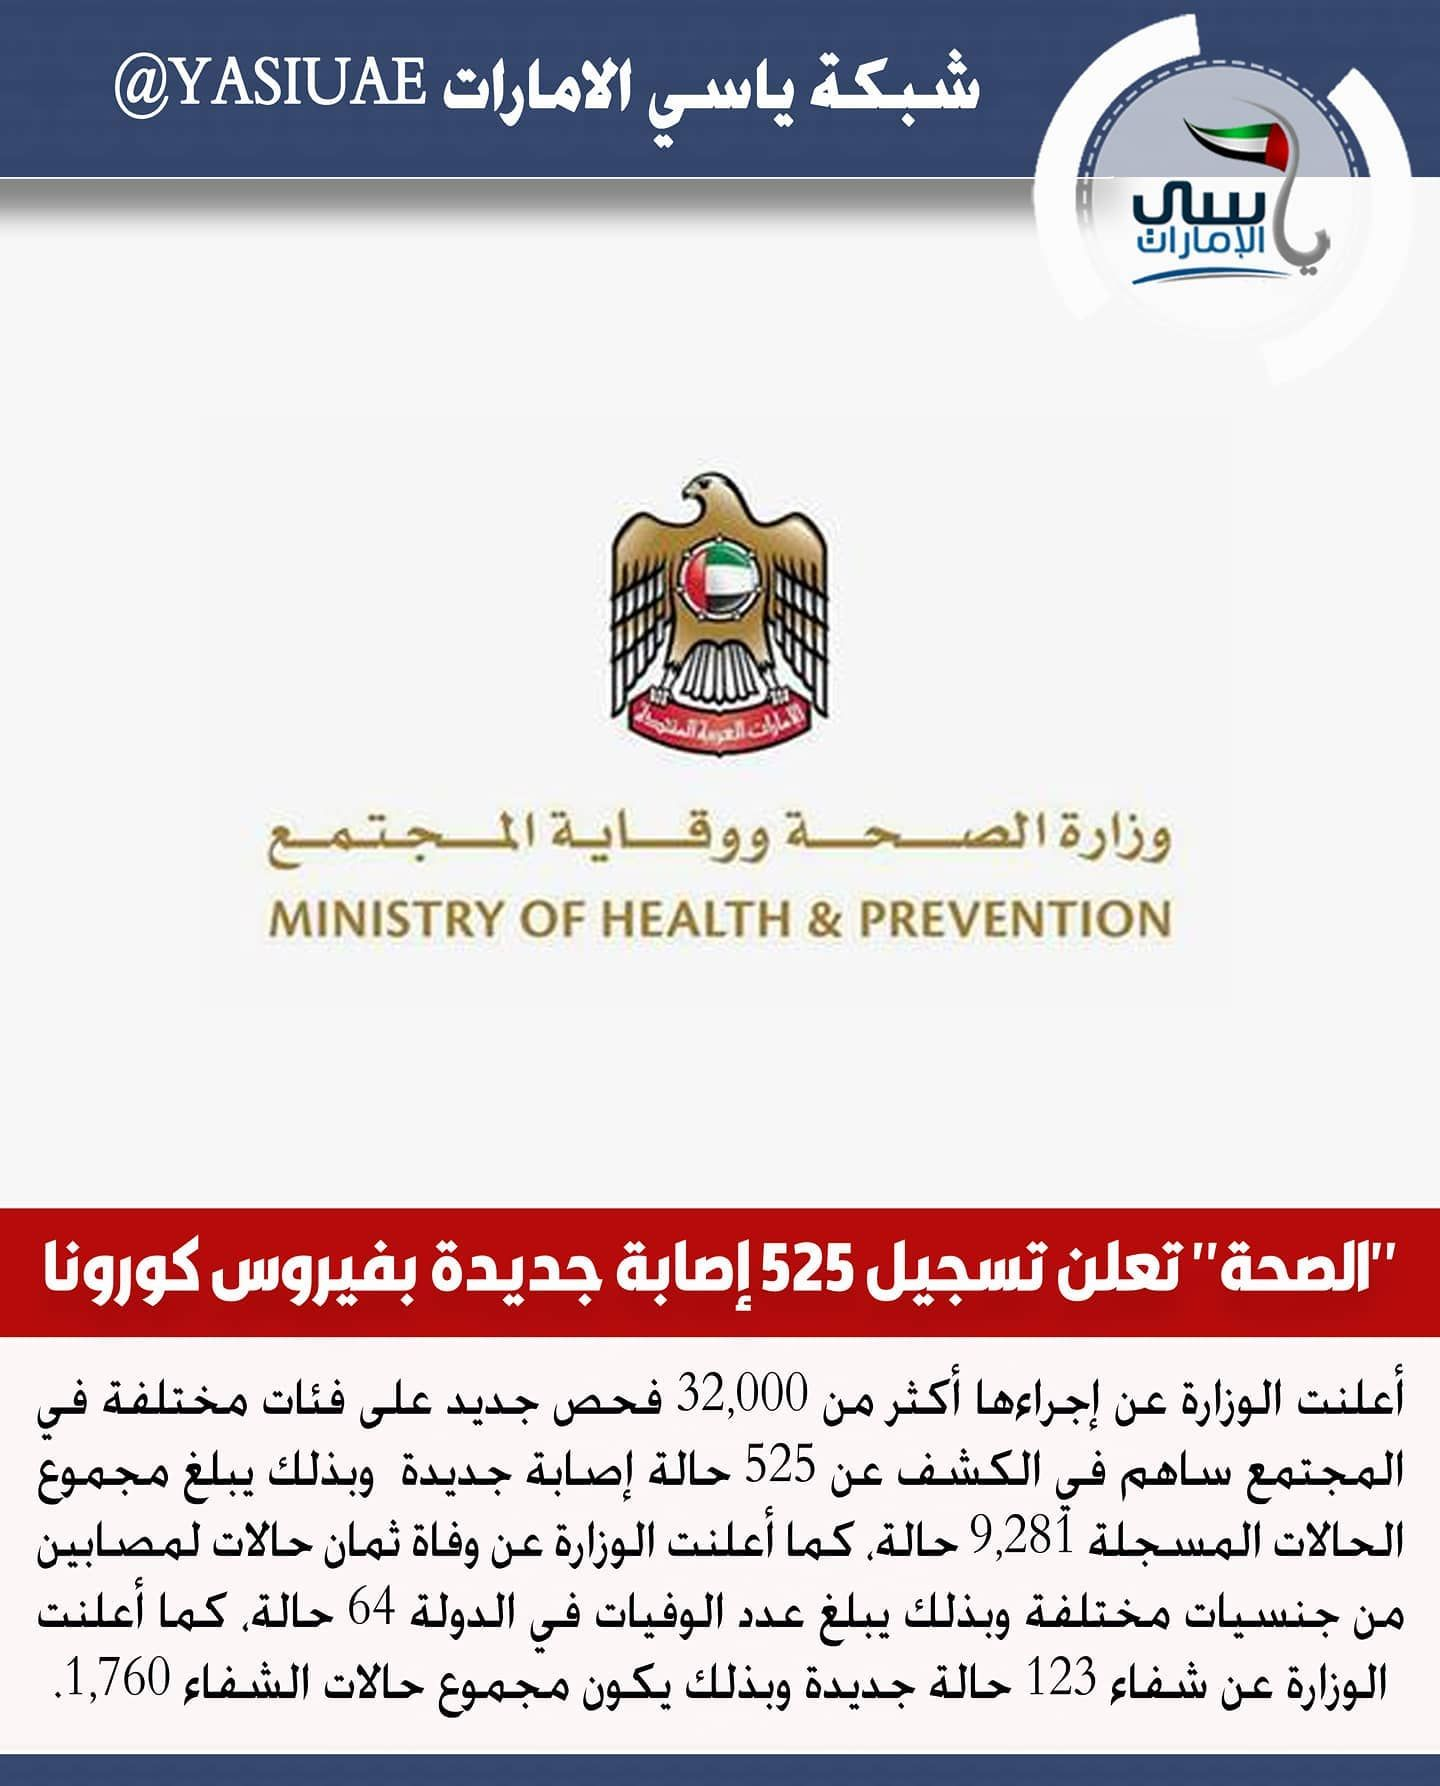 الصحة تعلن تسجيل 525 إصابة جديدة بفيروس كورونا Www Yasiuae Net Prevention Uig Enamel Pins